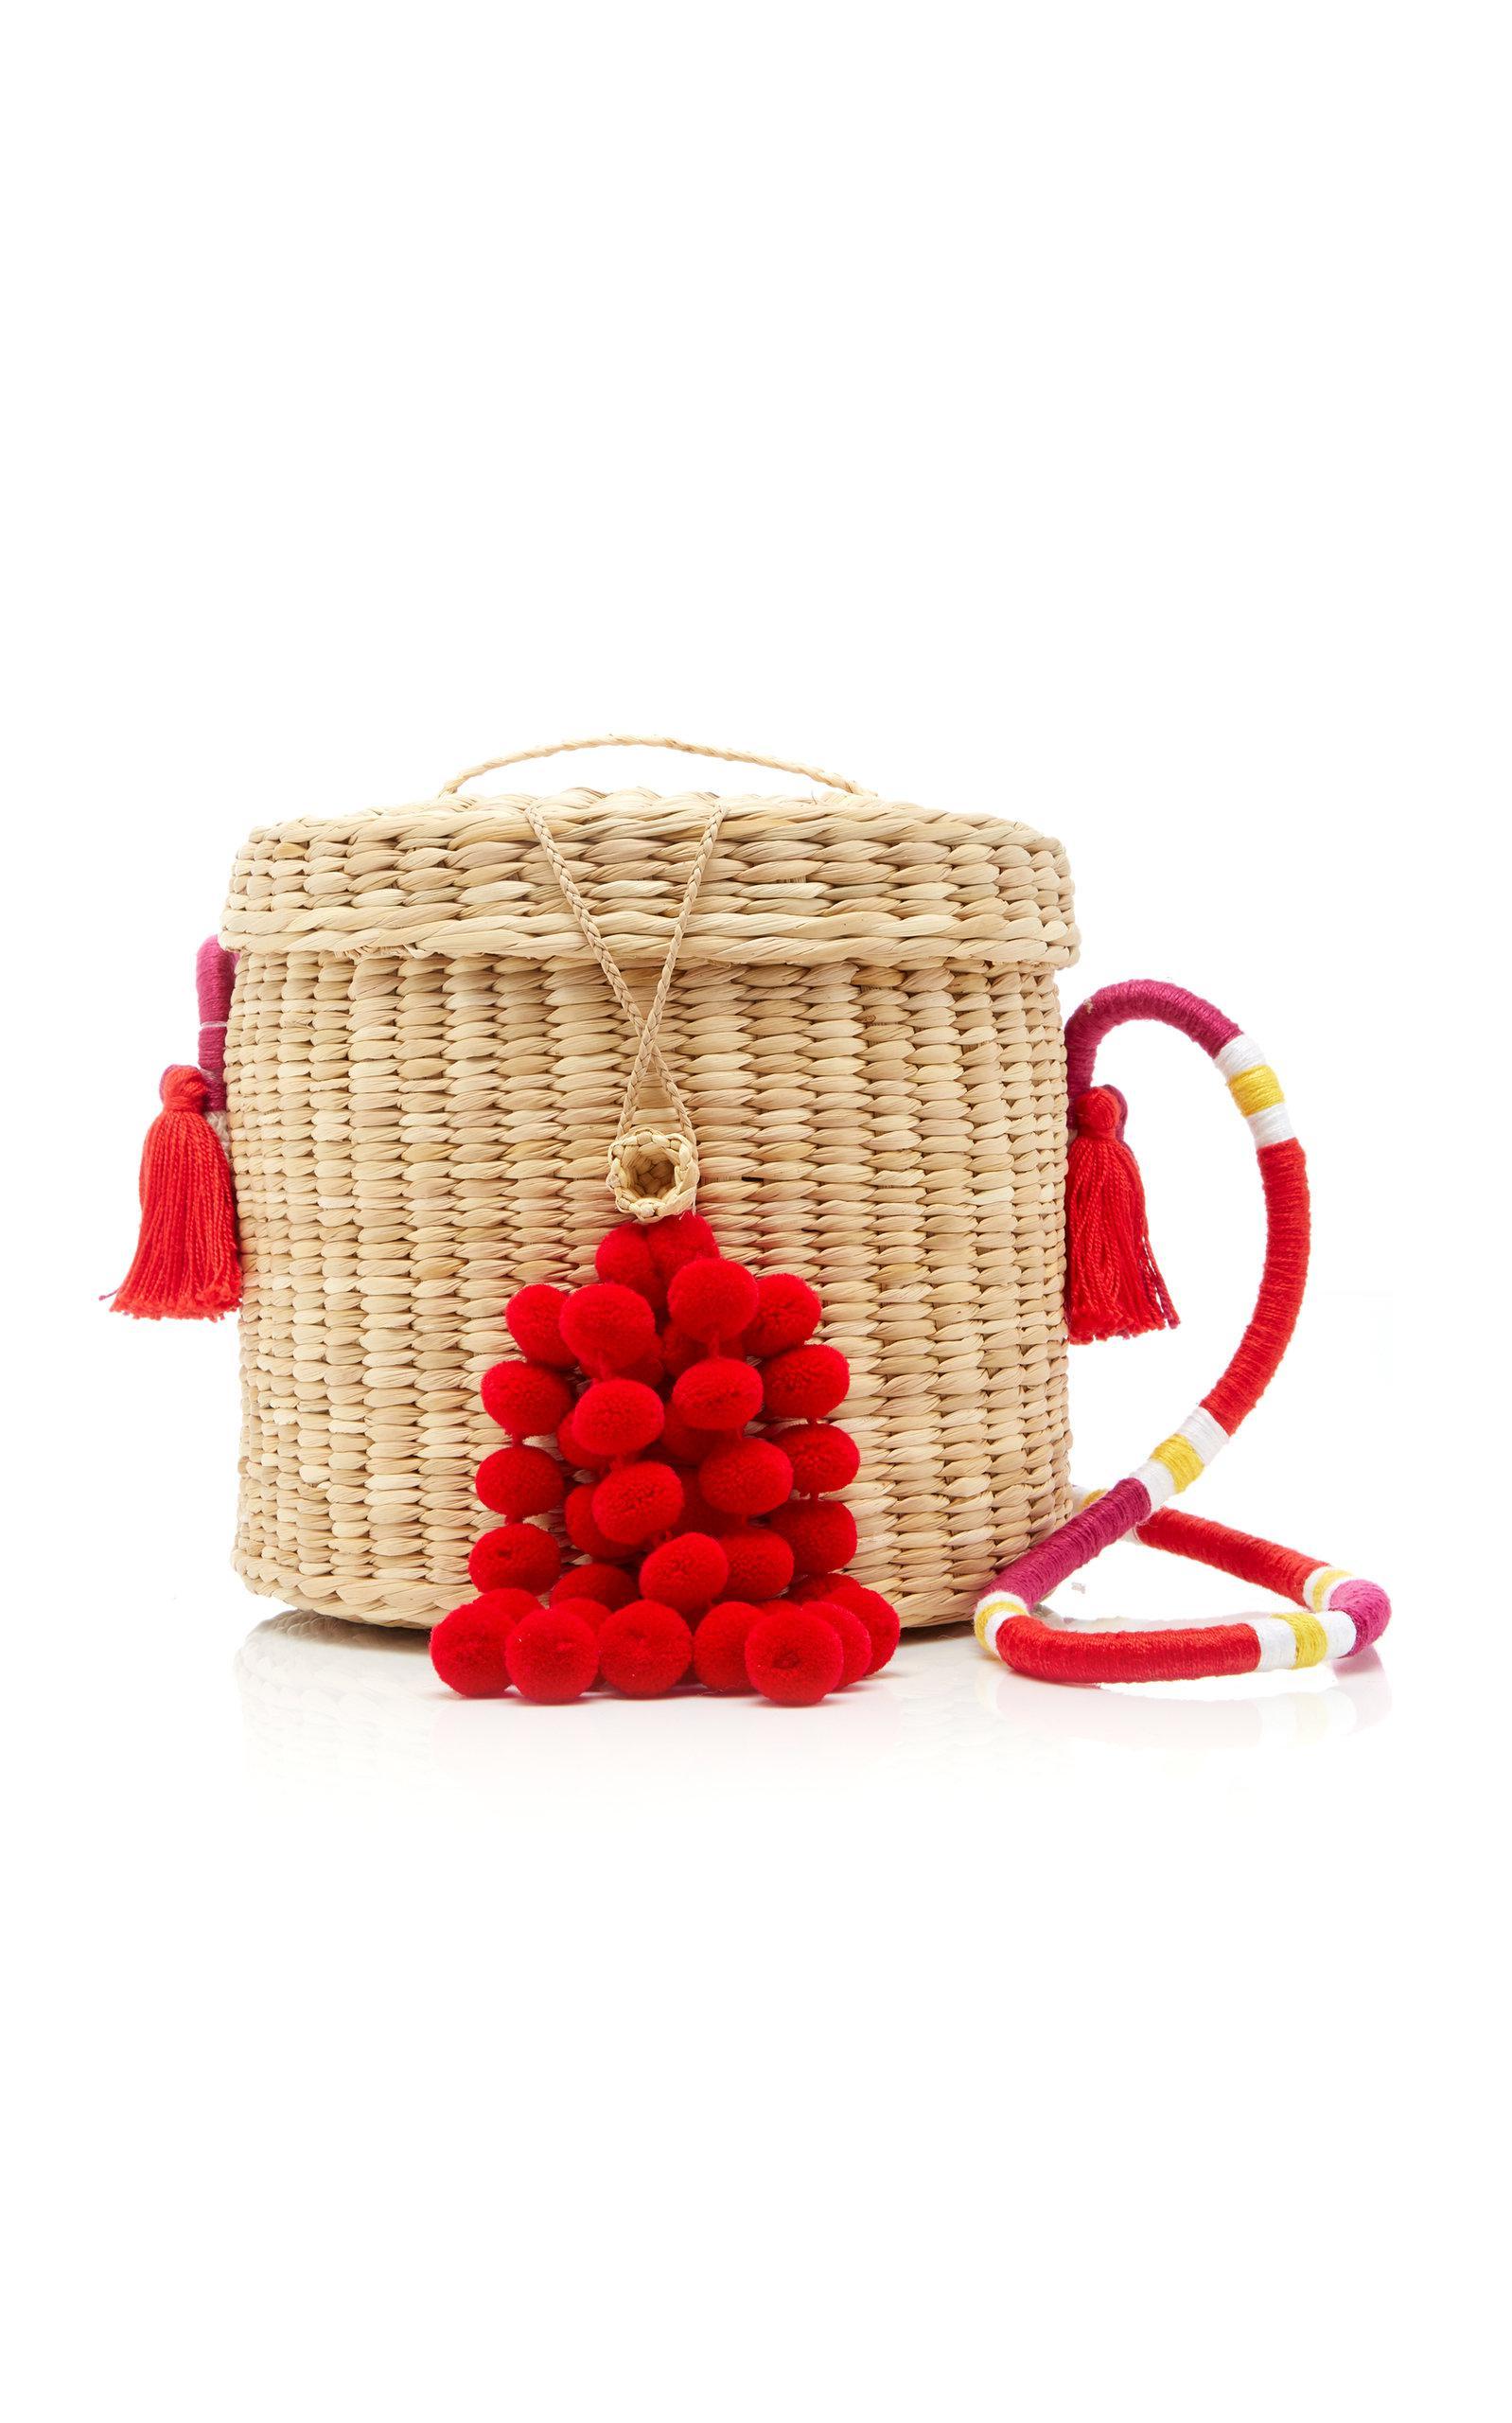 NANNACAY Ana Bucket With Threaded Strap TfxoI9sM1F